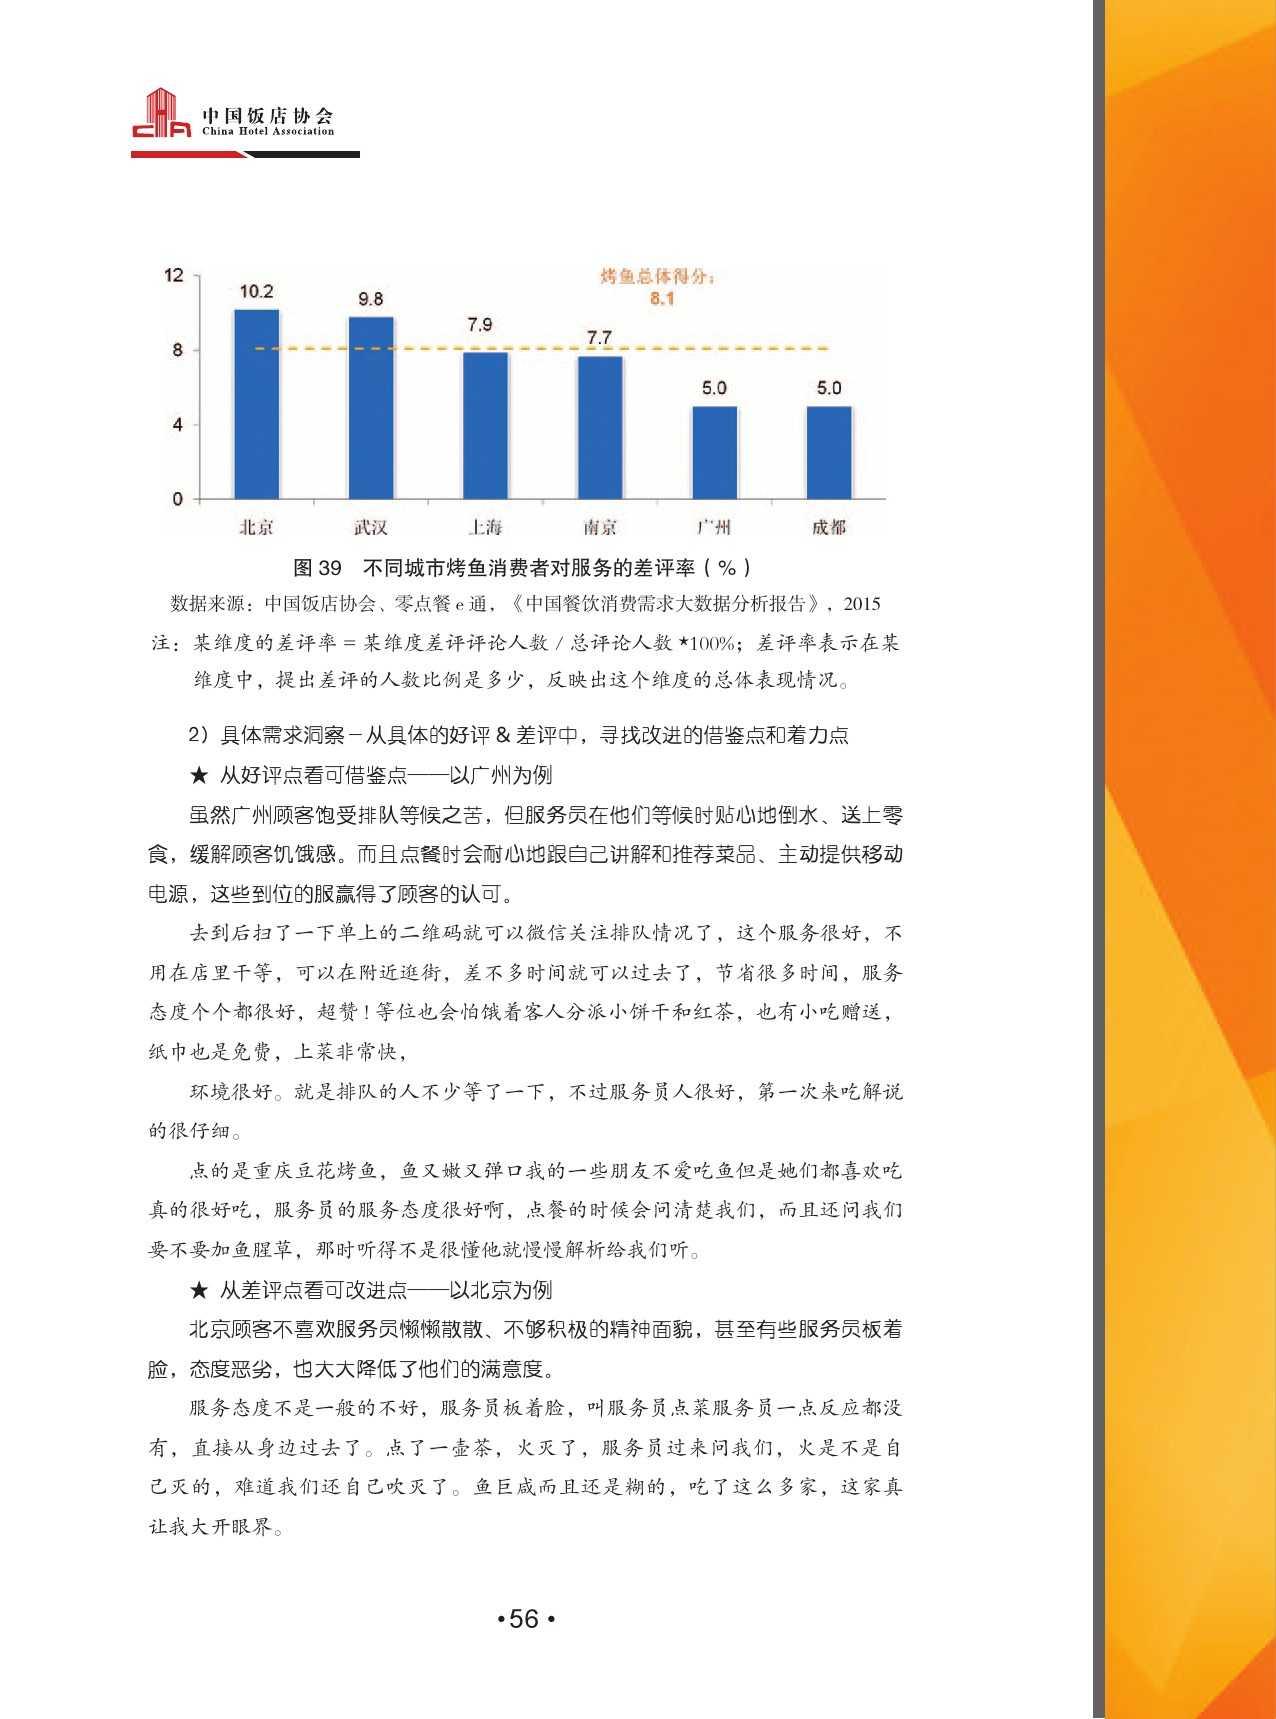 2015中国餐饮消费需求大数据分析报告_000058